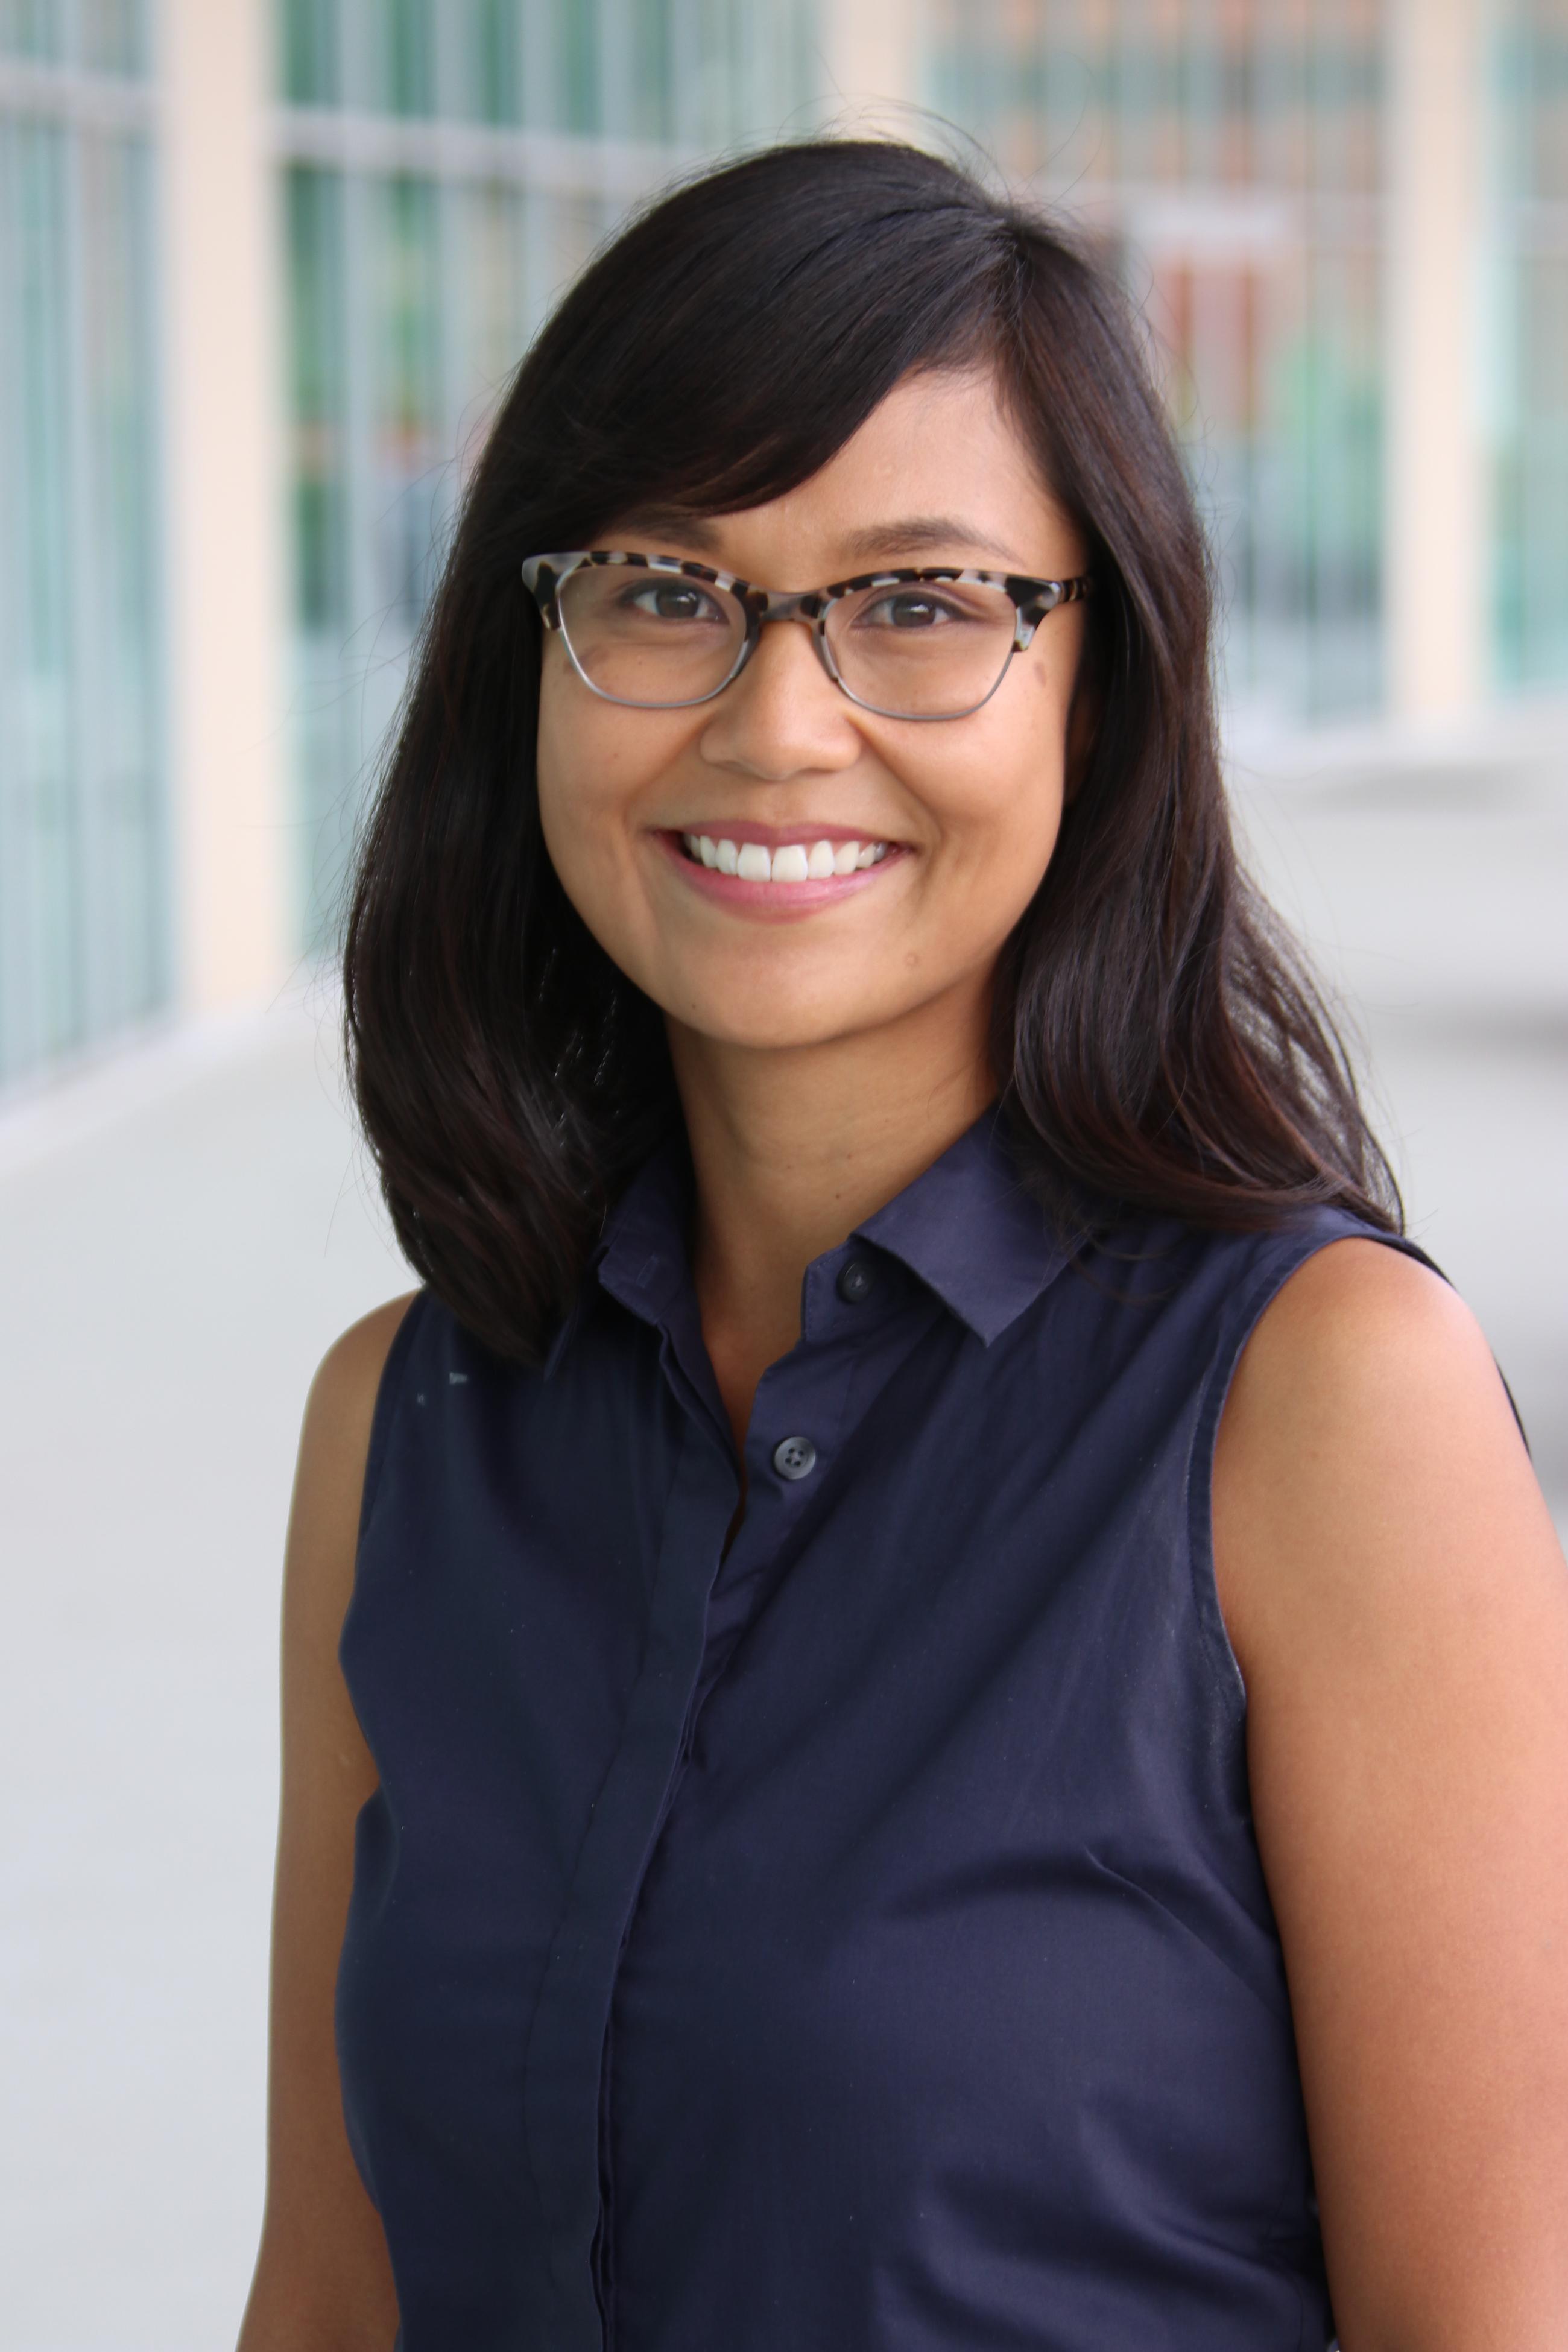 Cindy Sangalang